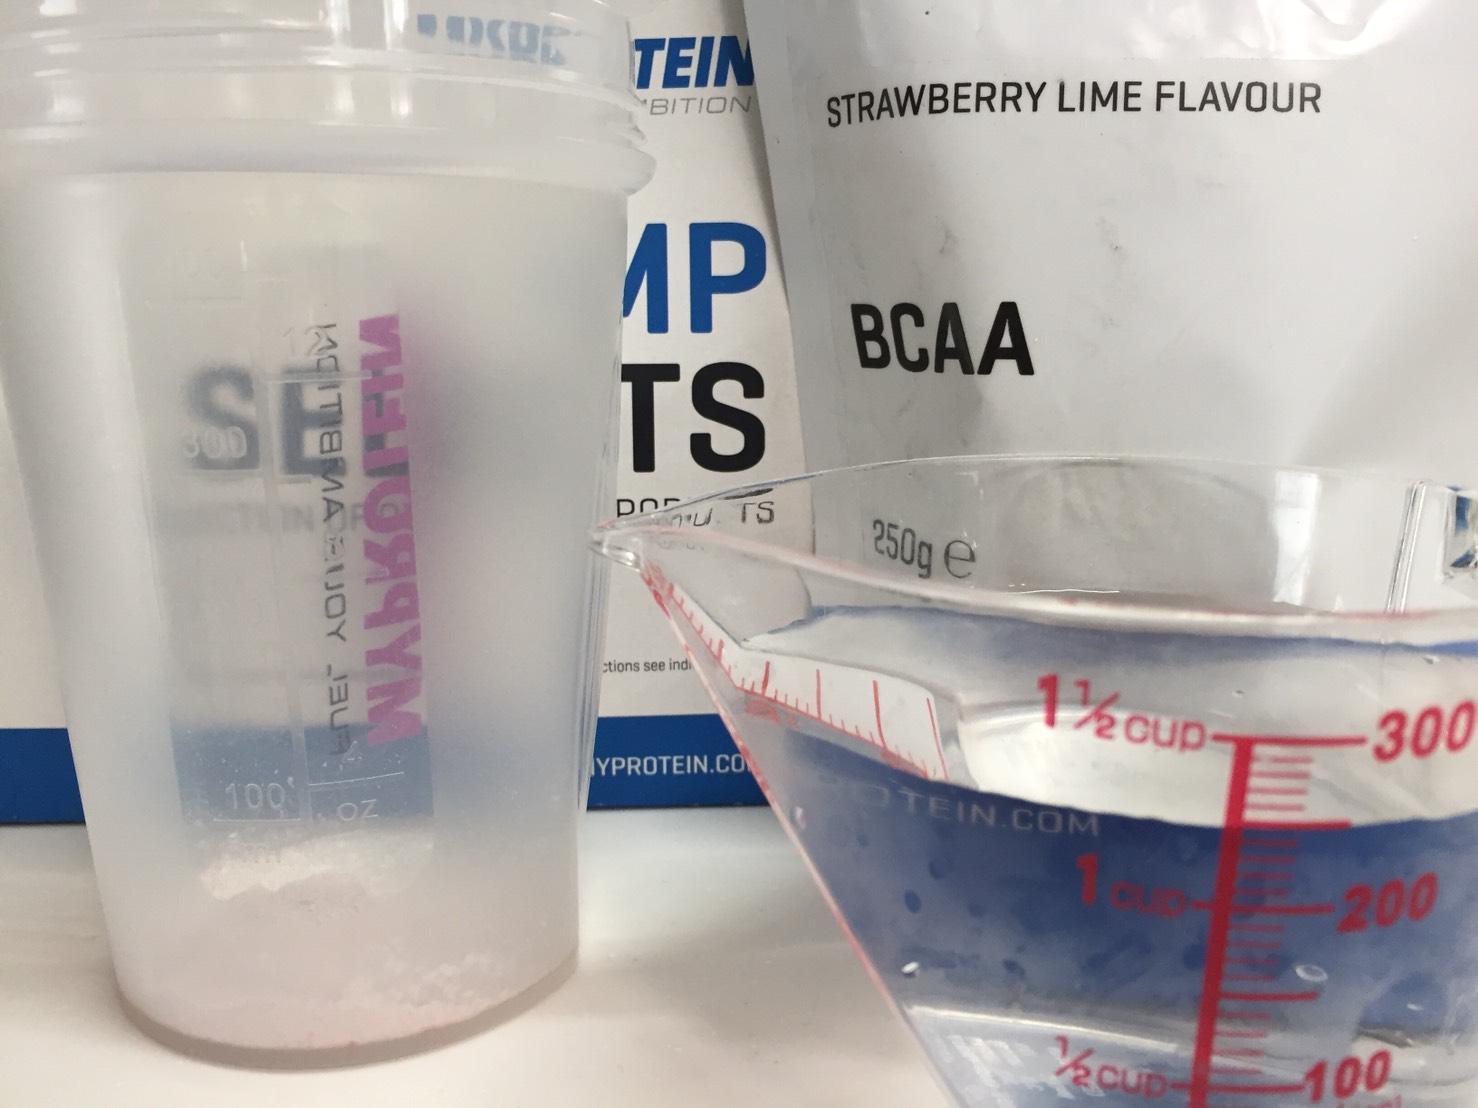 BCAA「ストロベリーライム味(STRAWBERRY LIME FLAVOUR)」を250mlの水に溶かします。